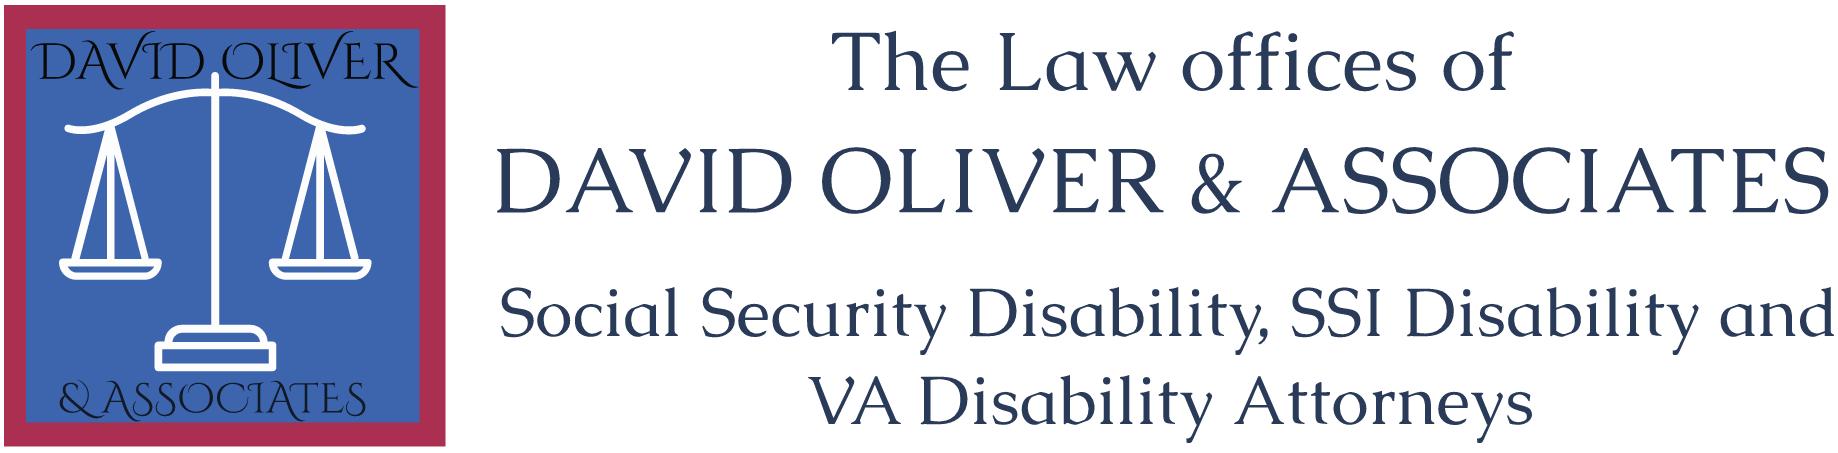 David Oliver & Associates - VA, Social Security, and SSI